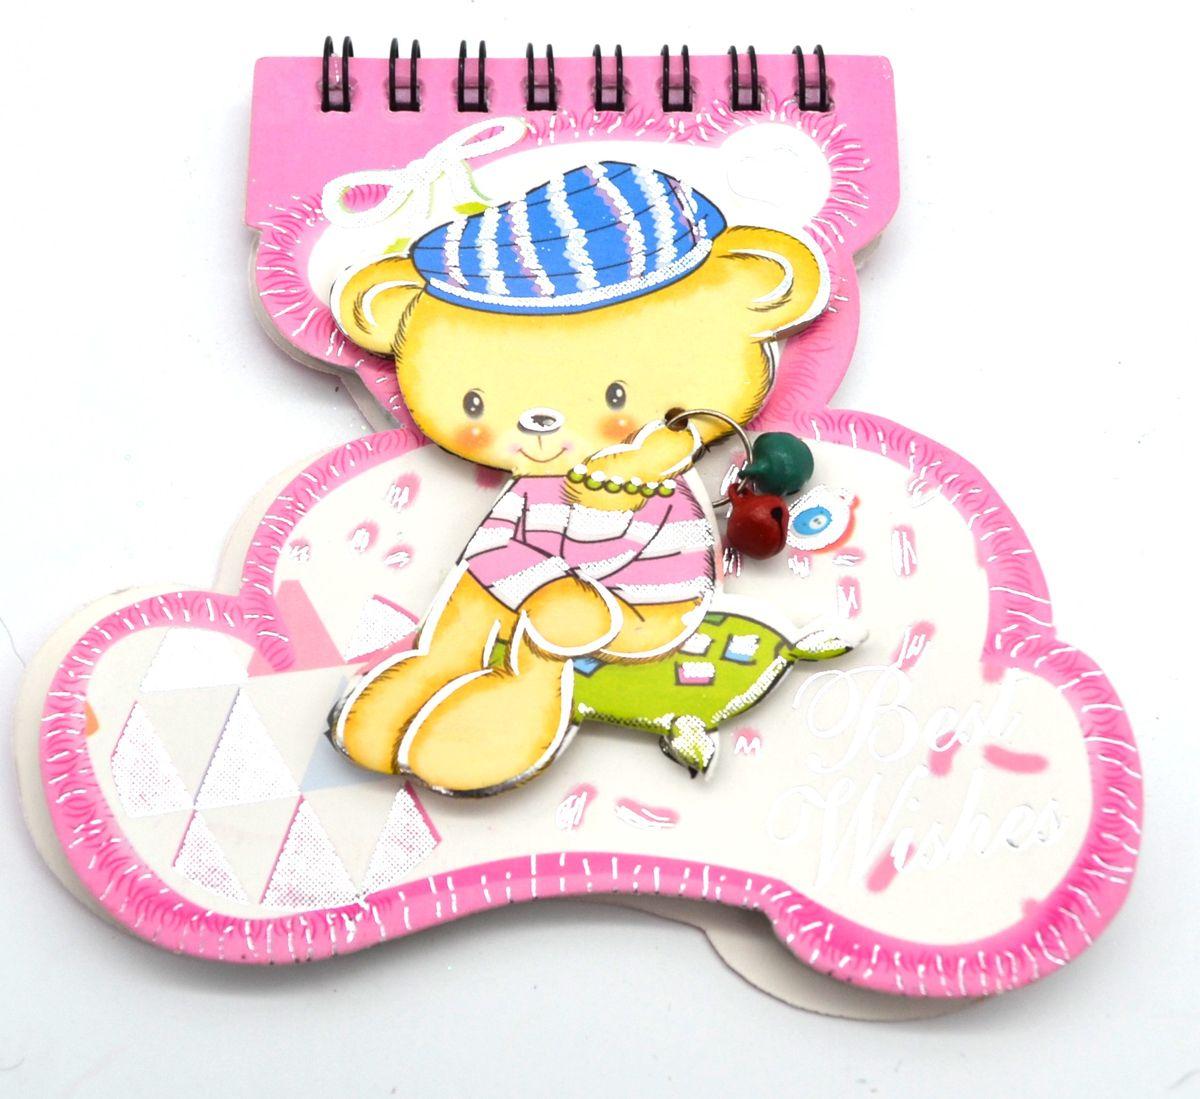 Карамба Блокнот Мишка с бубенчиками 48 листов в линейку цвет розовый 33Блокнот Карамба Мишка с бубенчикам на пружине вырублен по форме мишки с объемным изображением мишки с бубенчиками на обложке. Блокнот содержит 48 разлинованных листов в линейку с изображением мишки. Изделие имеет индивидуальную упаковку.